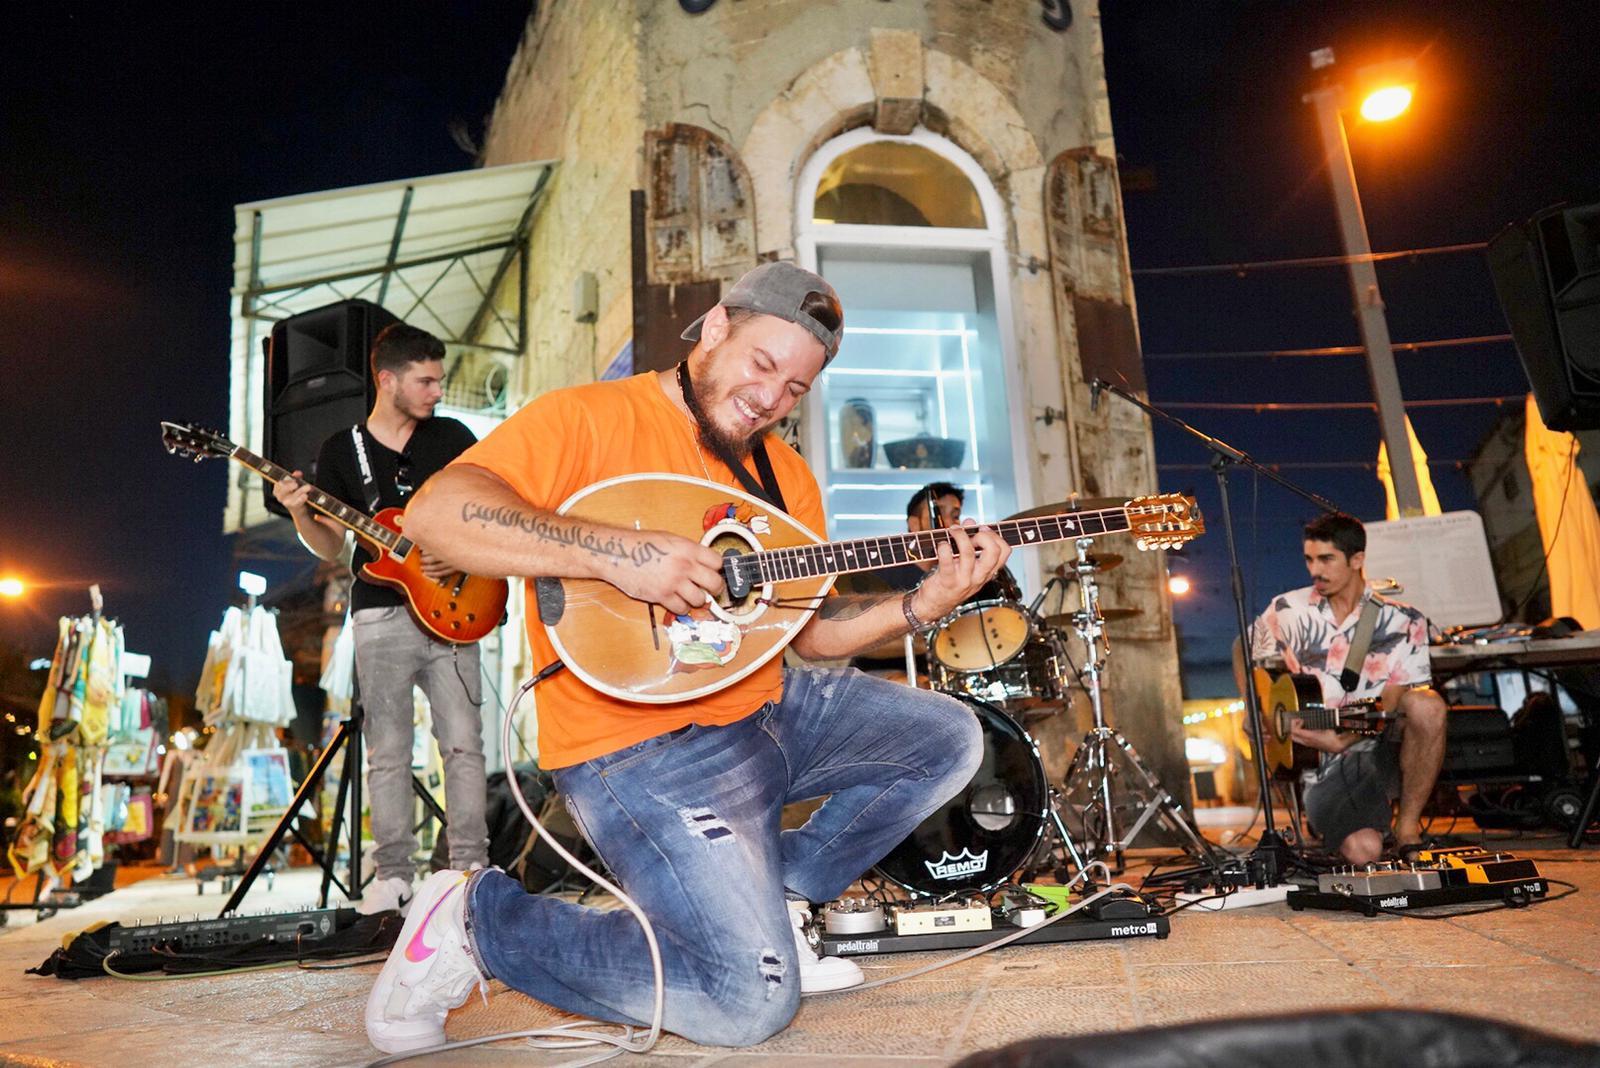 טי נה ניי ניי. הופעות רחוב בשוק היווני (צילום: אילן ספרא)